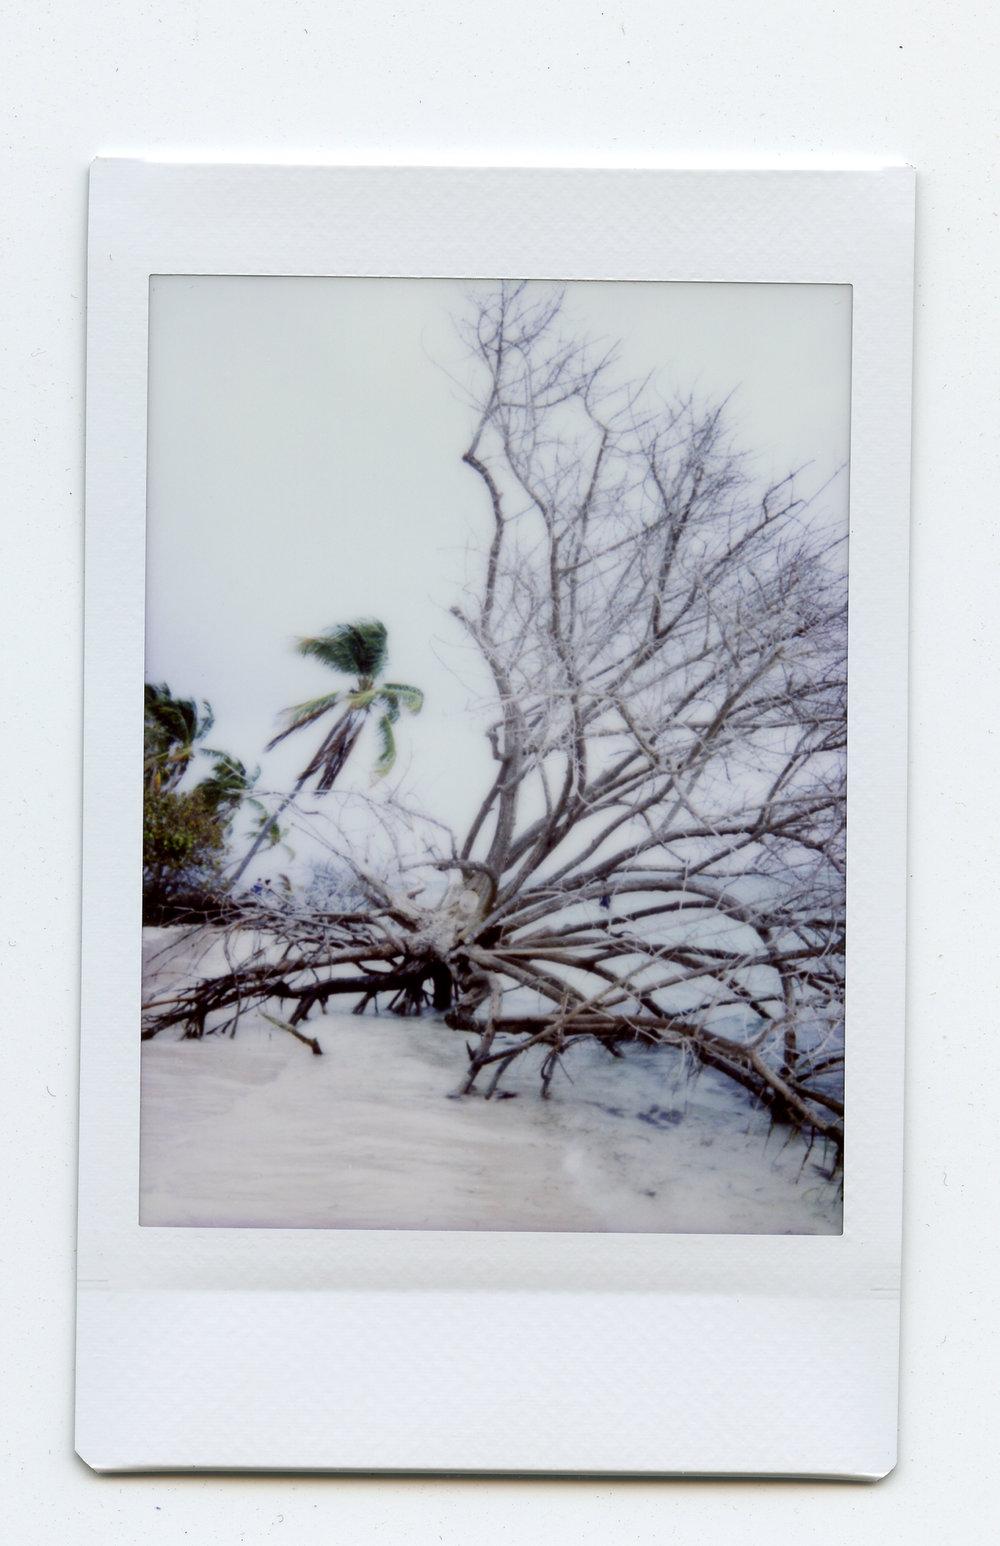 Isla Palomino, Fajardo, Puerto Rico